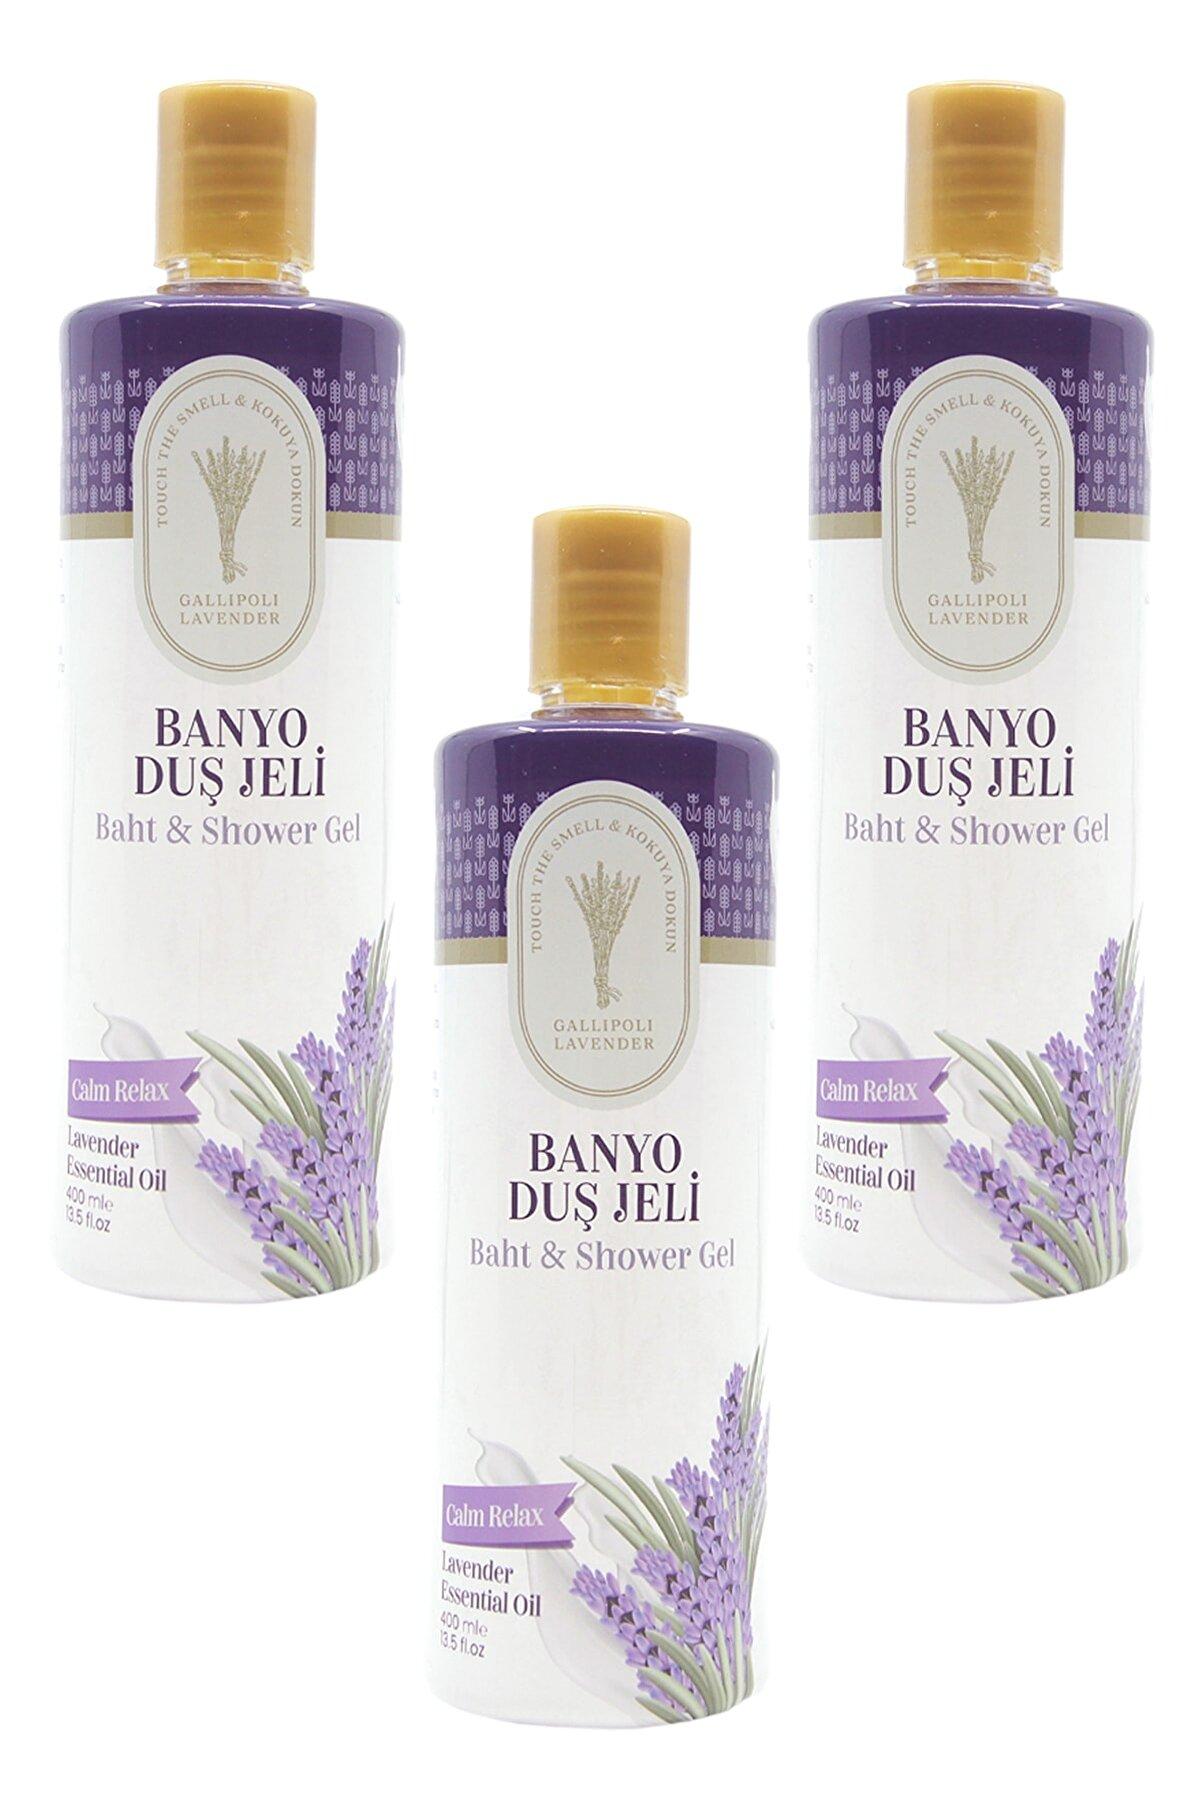 Gallipoli Lavender Lavanta Yağlı Banyo Duş Jeli 400 ml Lavanta Yatıştırıcı Duş Jeli 3 Adet